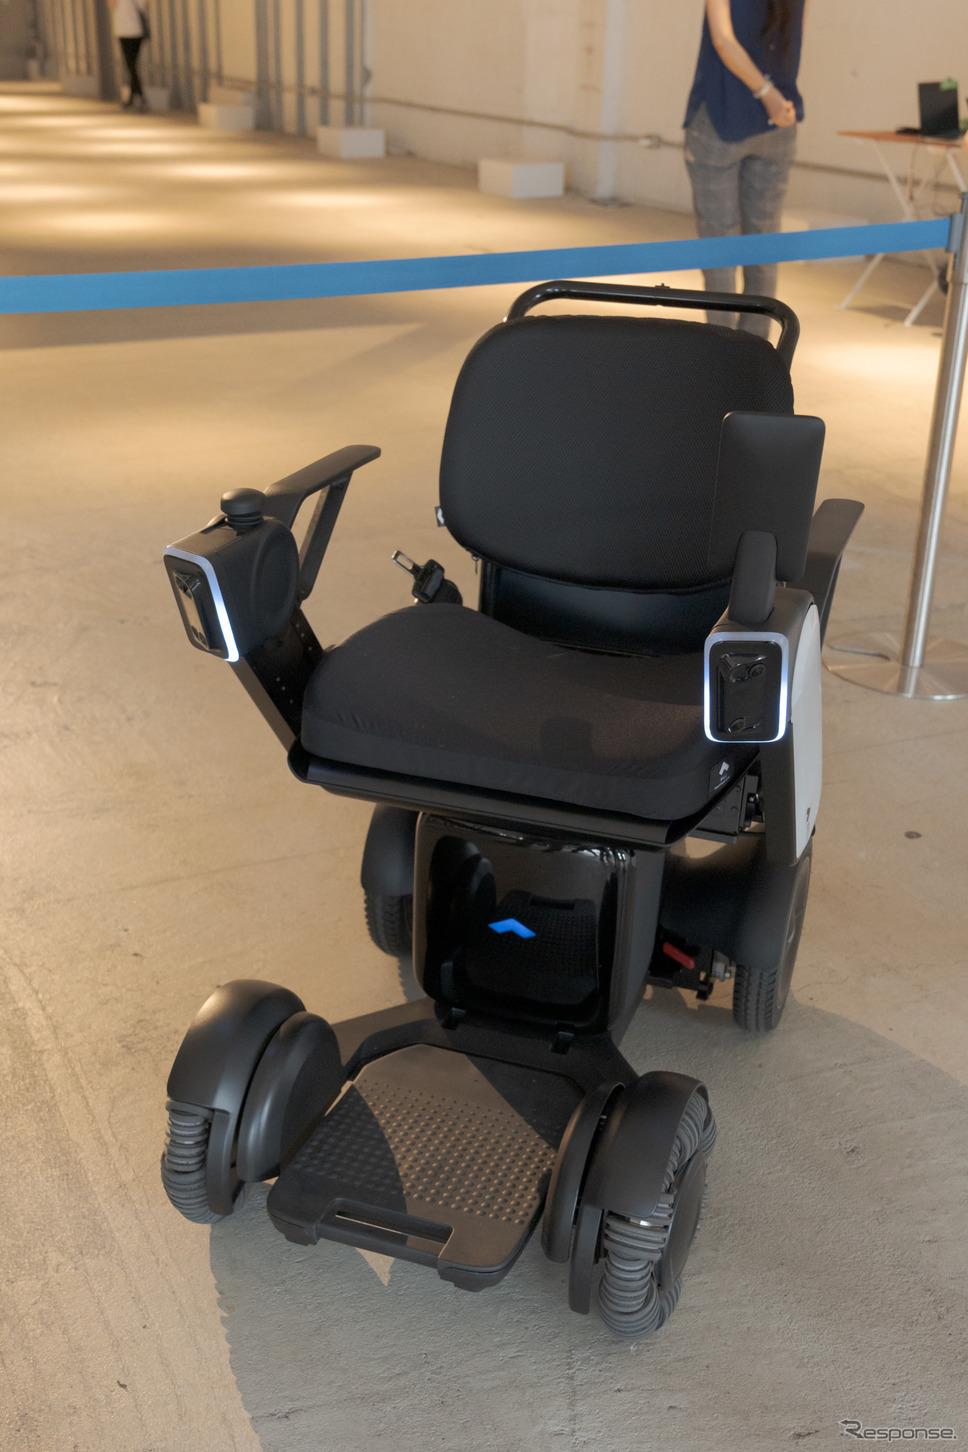 自動運転モデルは、ステレオカメラなどのセンサーが取り付けられている。《写真撮影 関口敬文》